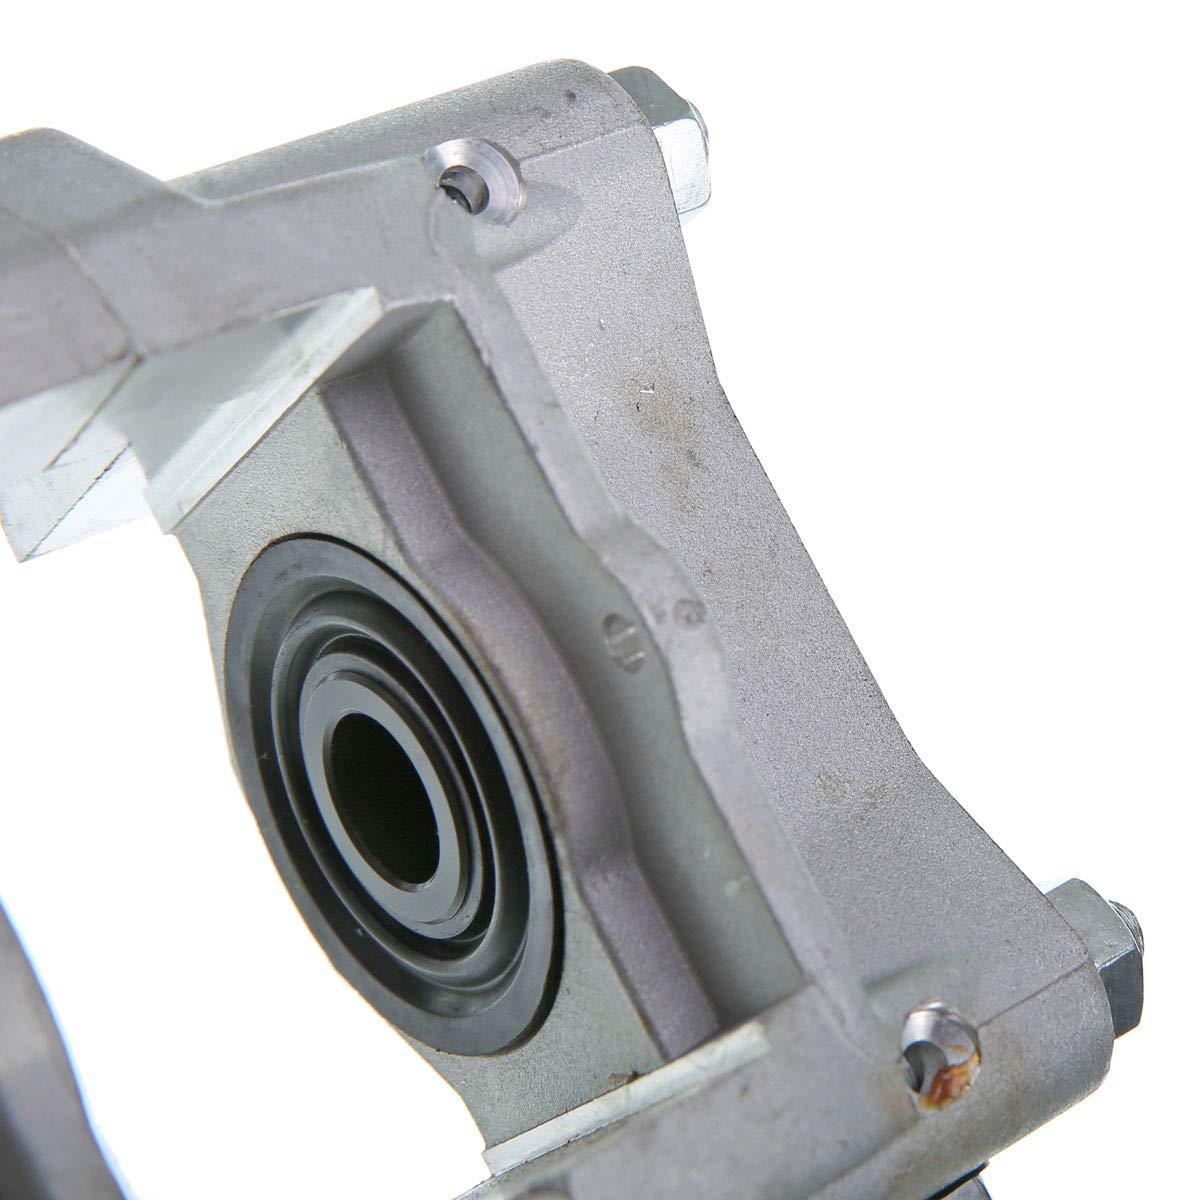 Pinza de freno de eje trasero izquierdo para C5 I C5 II C5 I Break C5 II Break C5 III Break 2001-2010 4400.L3